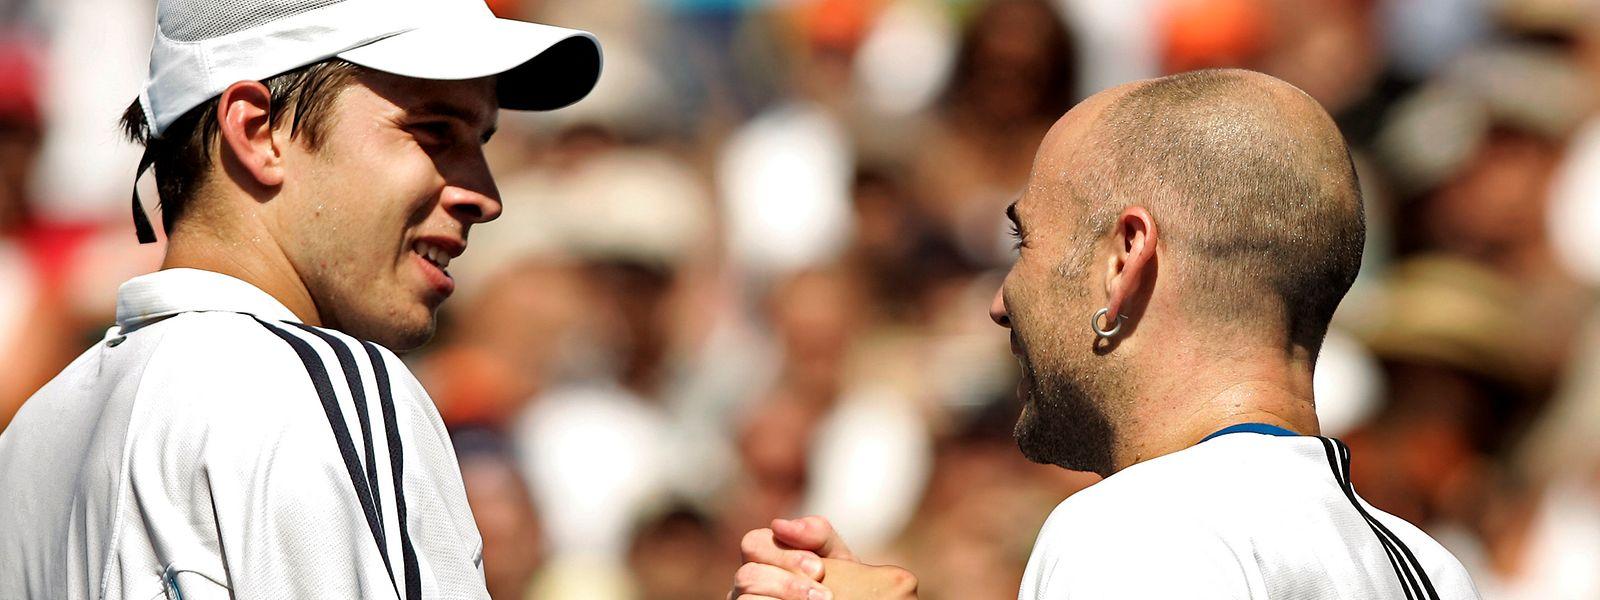 2005 gewann Andre Agassi (r.) das Finale von Los Angeles gegen Gilles Muller.